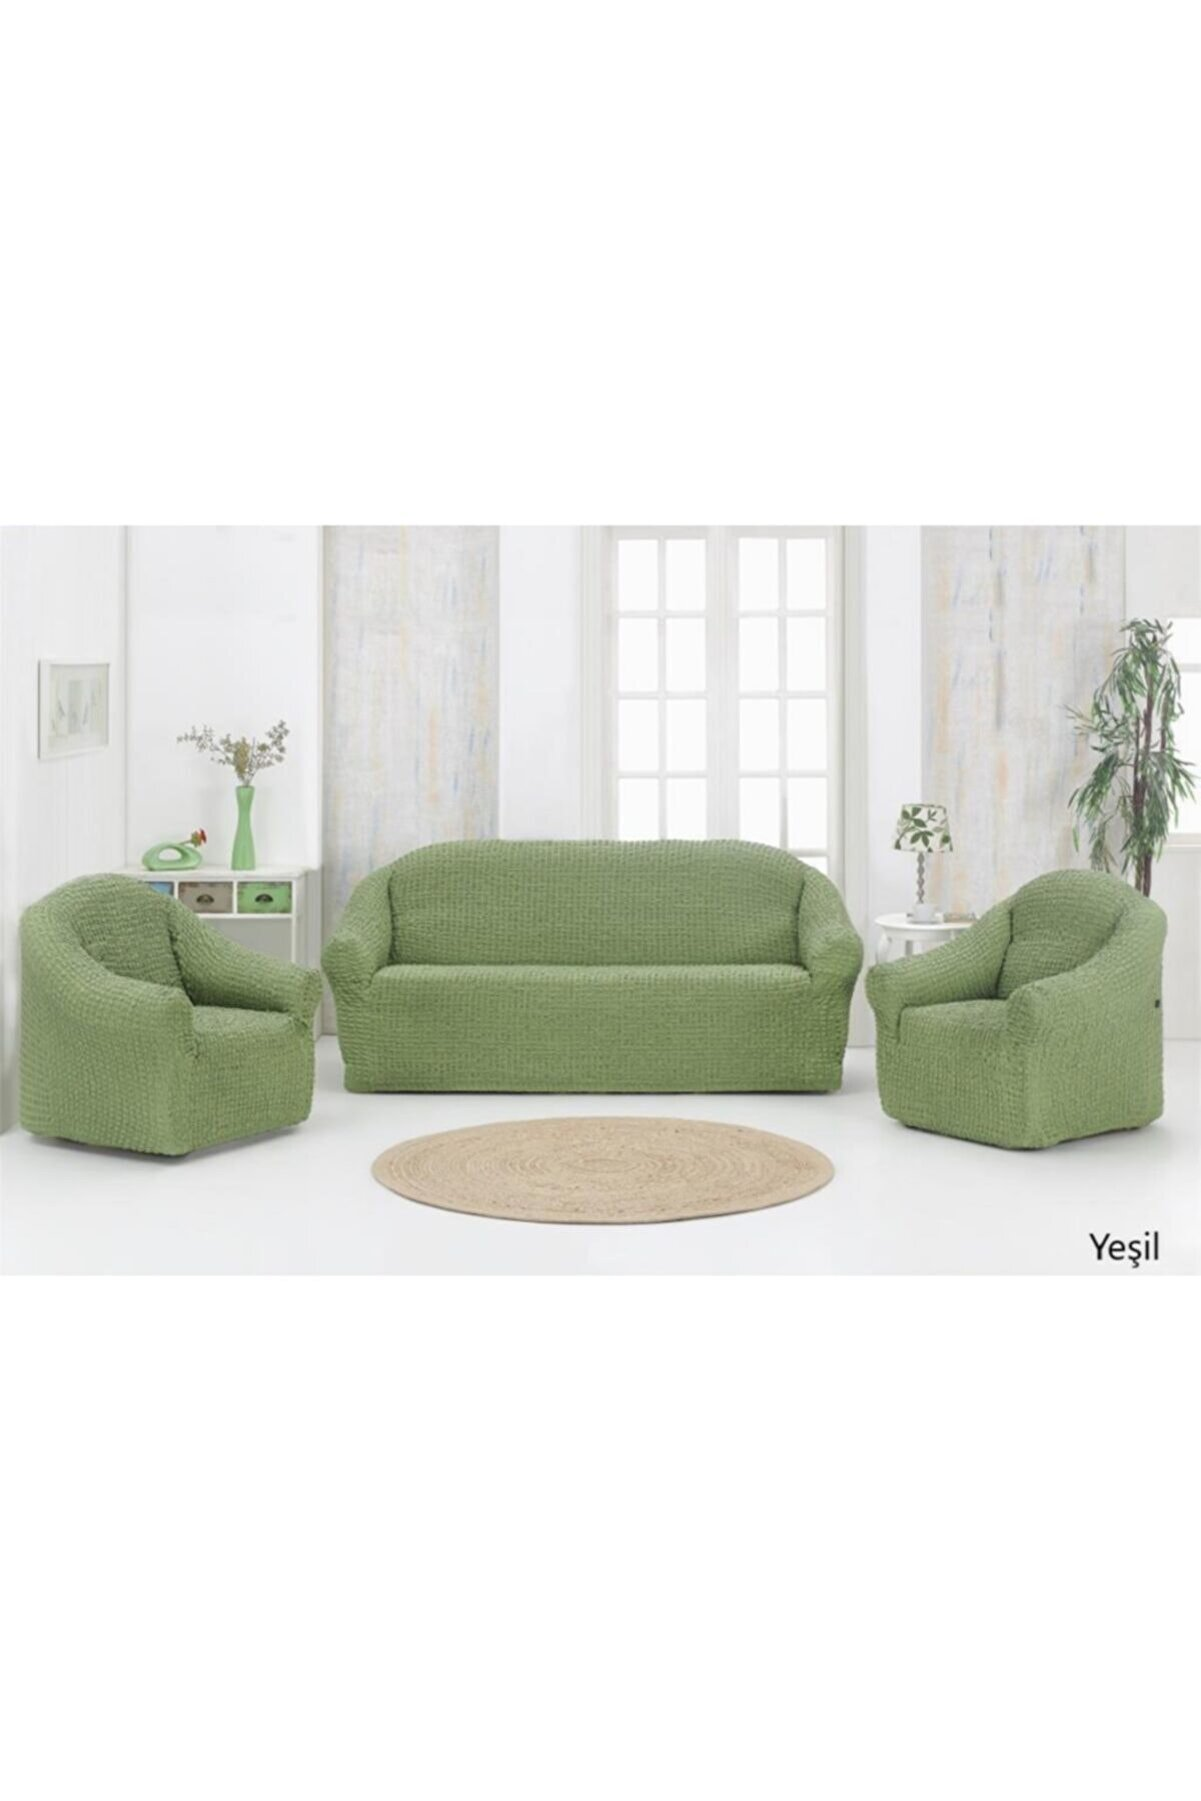 Karna Home Strech Pamuklu Koltuk Örtüsü Seti 3 1 1 Yeşil